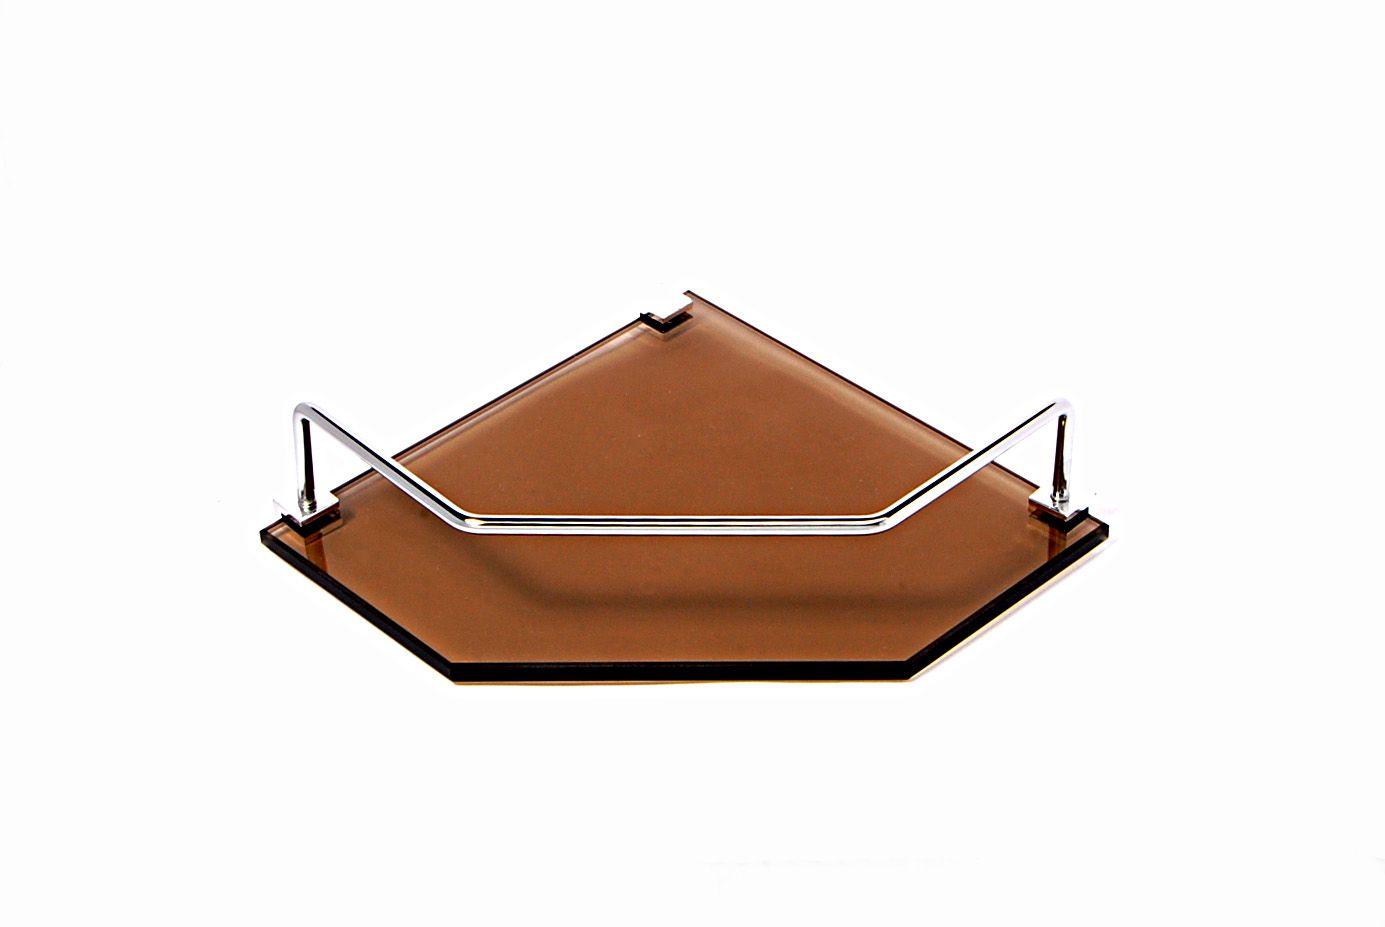 Porta Shampoo de Canto Reto em Vidro Bronze Lapidado - Aquabox  - 20cmx20cmx8mm